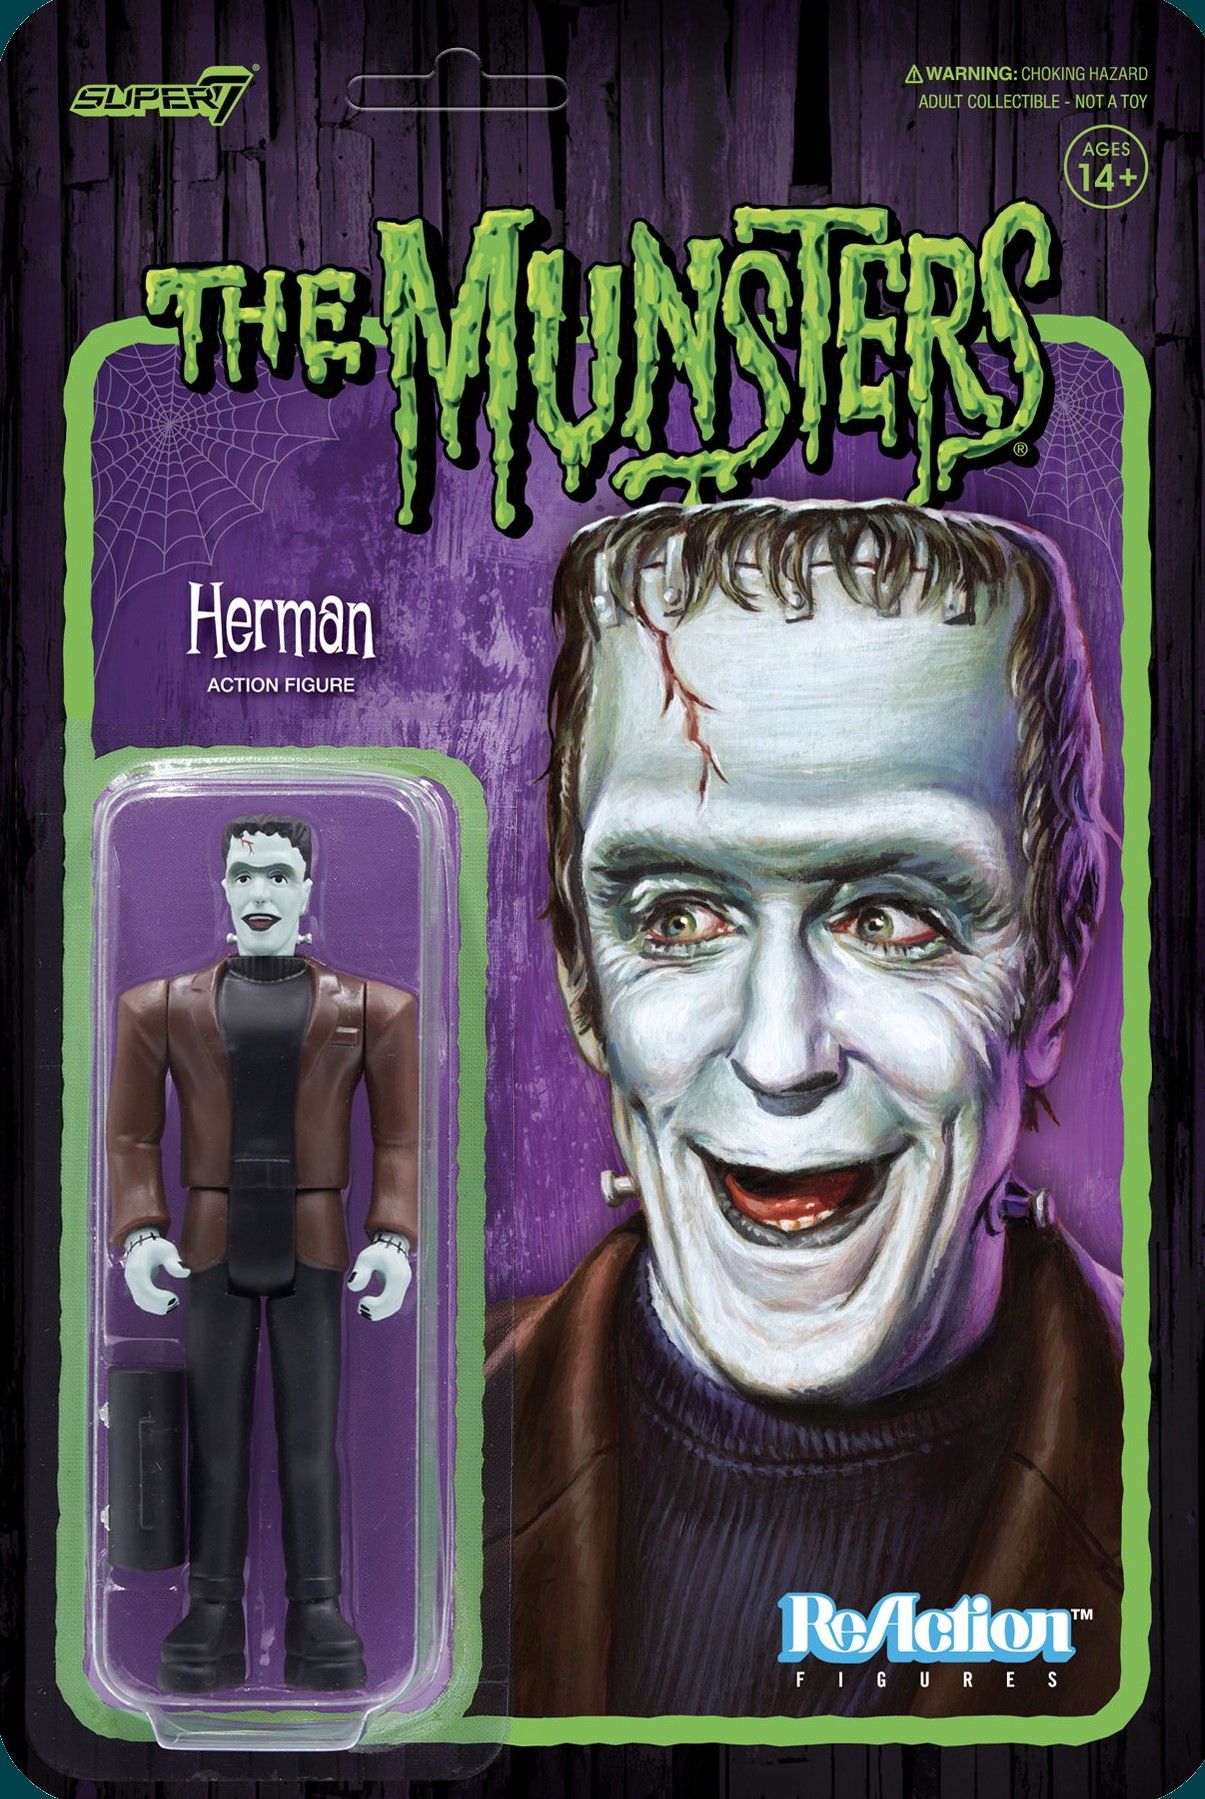 RE-Munsters_Herman_card_2048_2048x2048